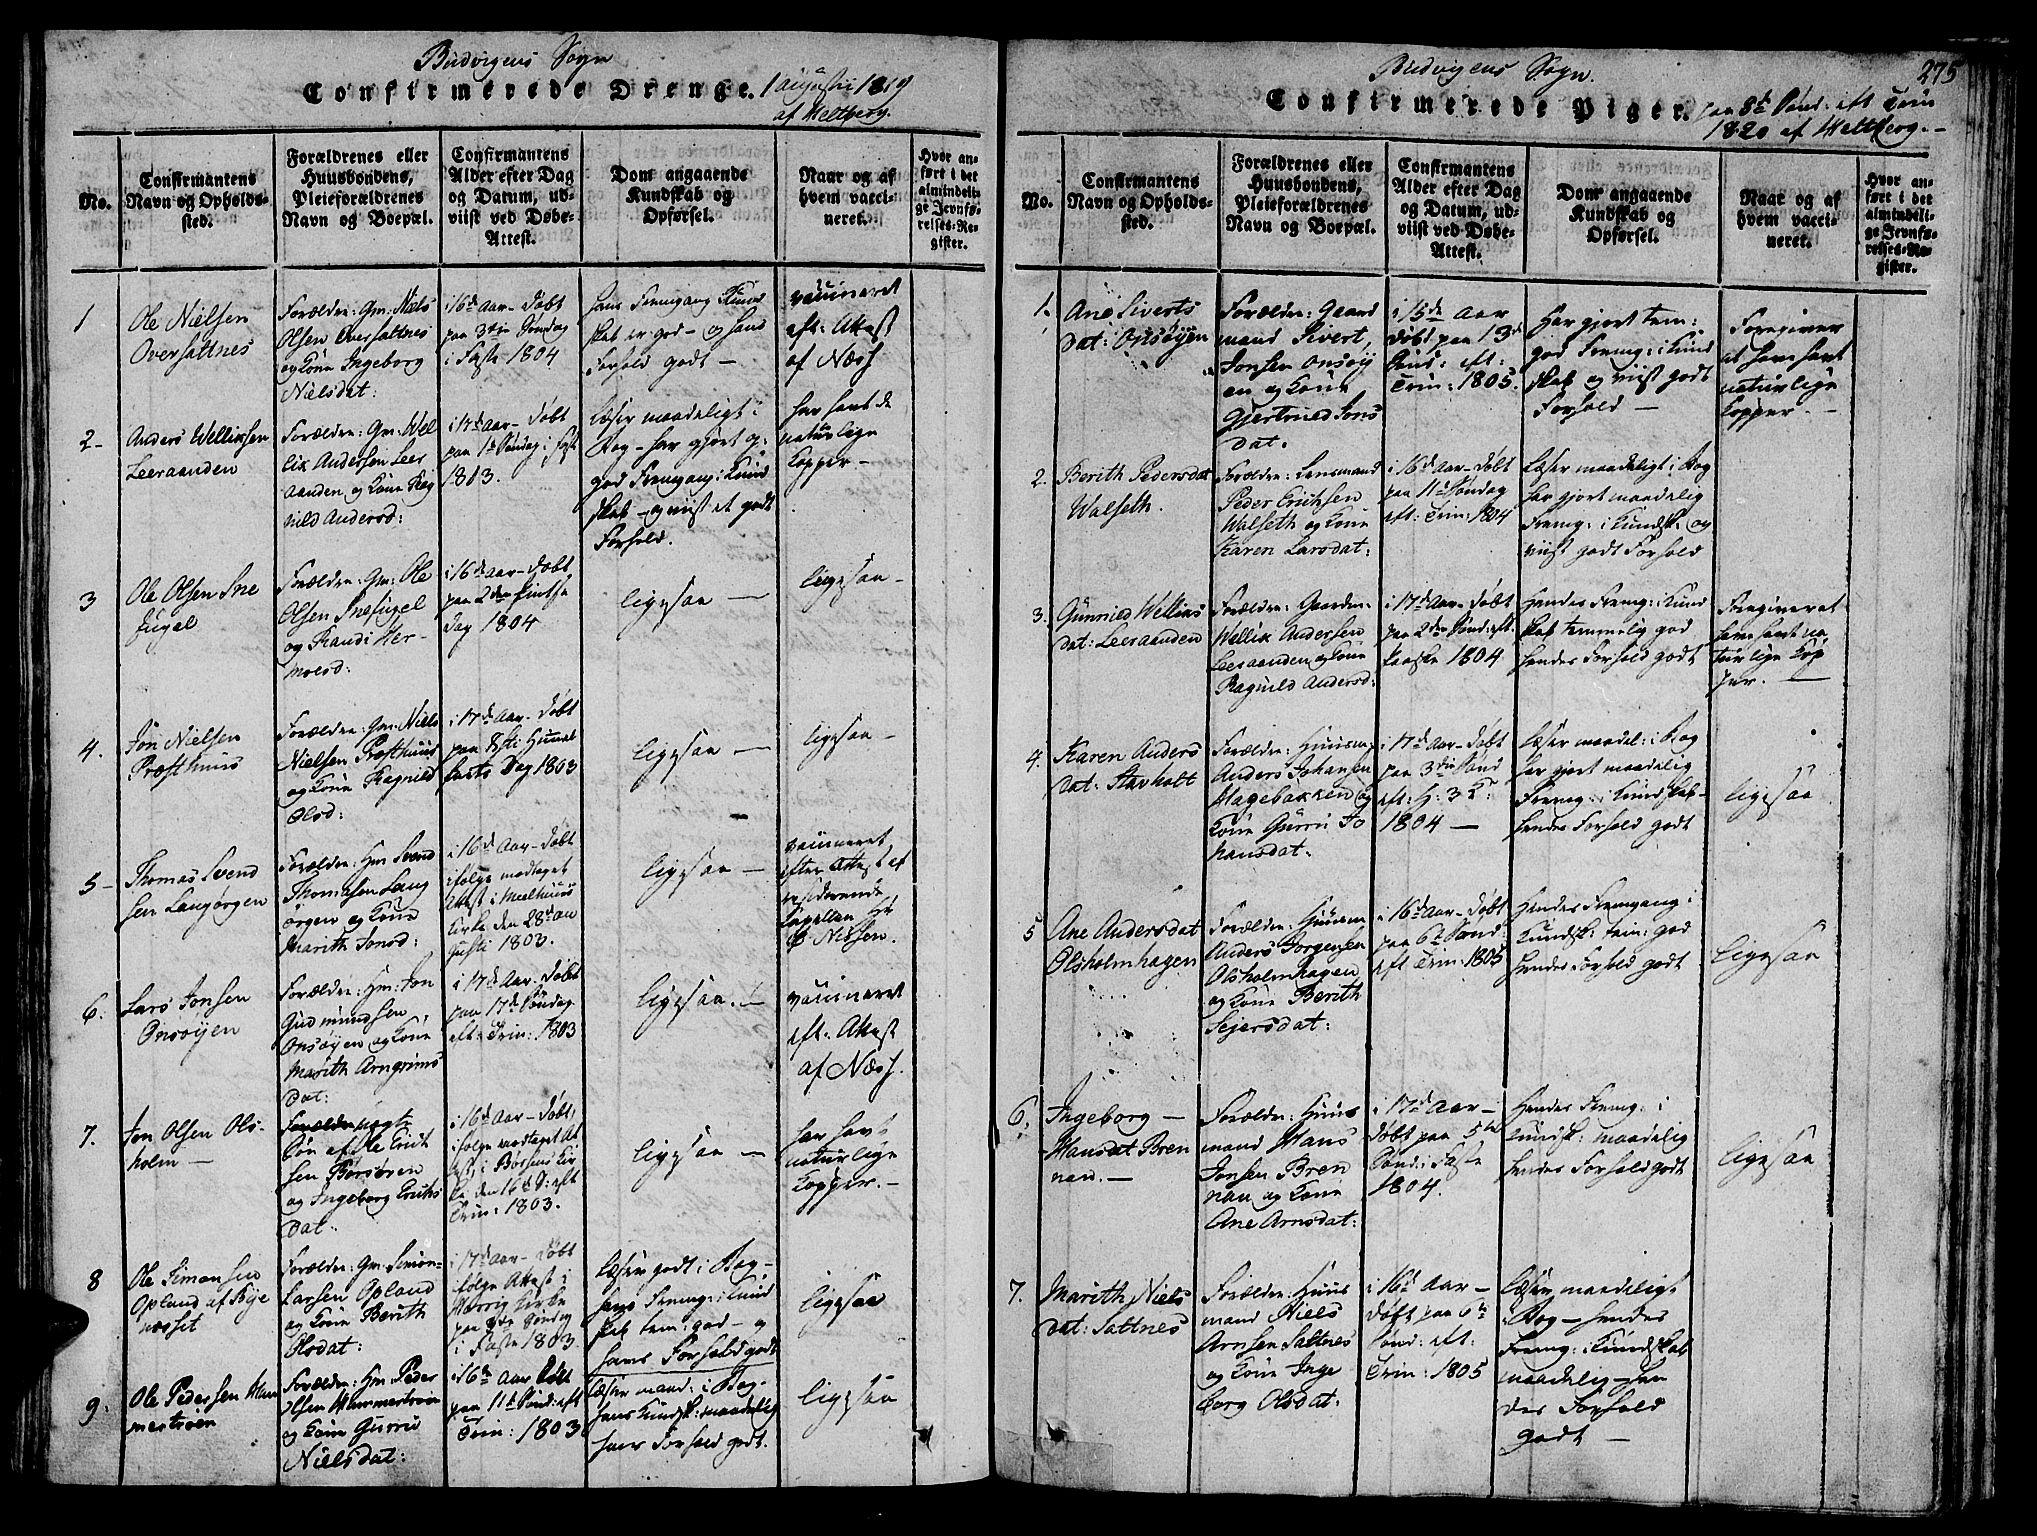 SAT, Ministerialprotokoller, klokkerbøker og fødselsregistre - Sør-Trøndelag, 612/L0373: Ministerialbok nr. 612A06 /2, 1816-1828, s. 275